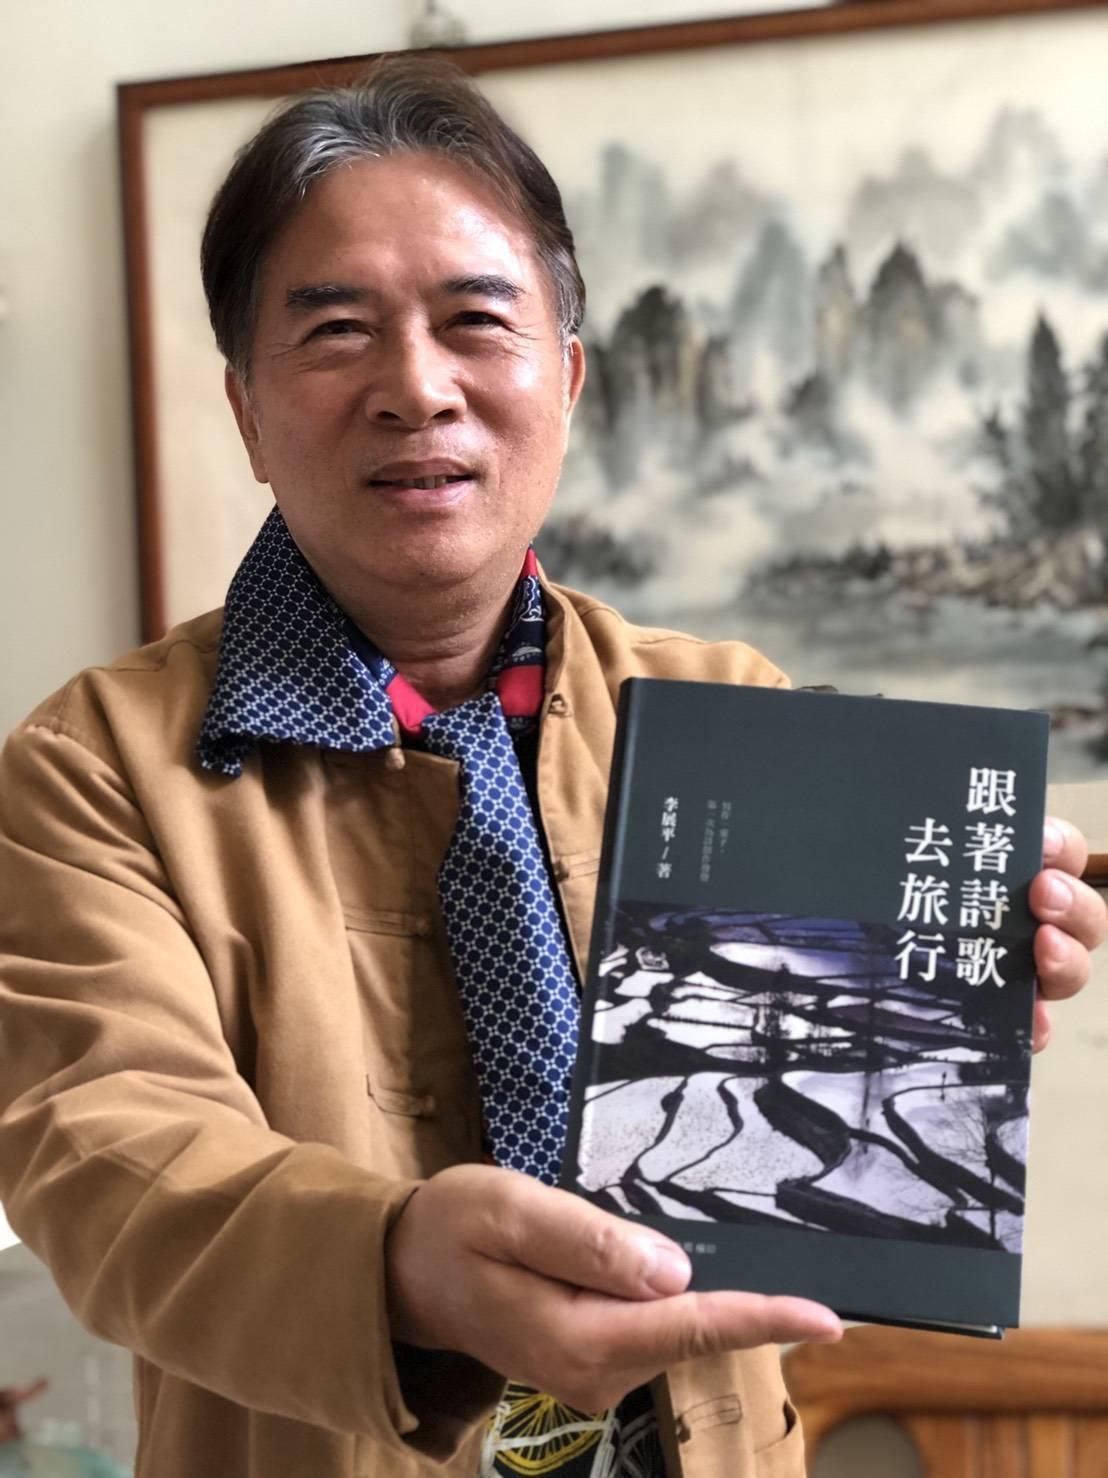 李展平8年前退休後從事教學和旅遊,還出版「跟著詩歌去旅行」,重拾少年時當詩人的夢...